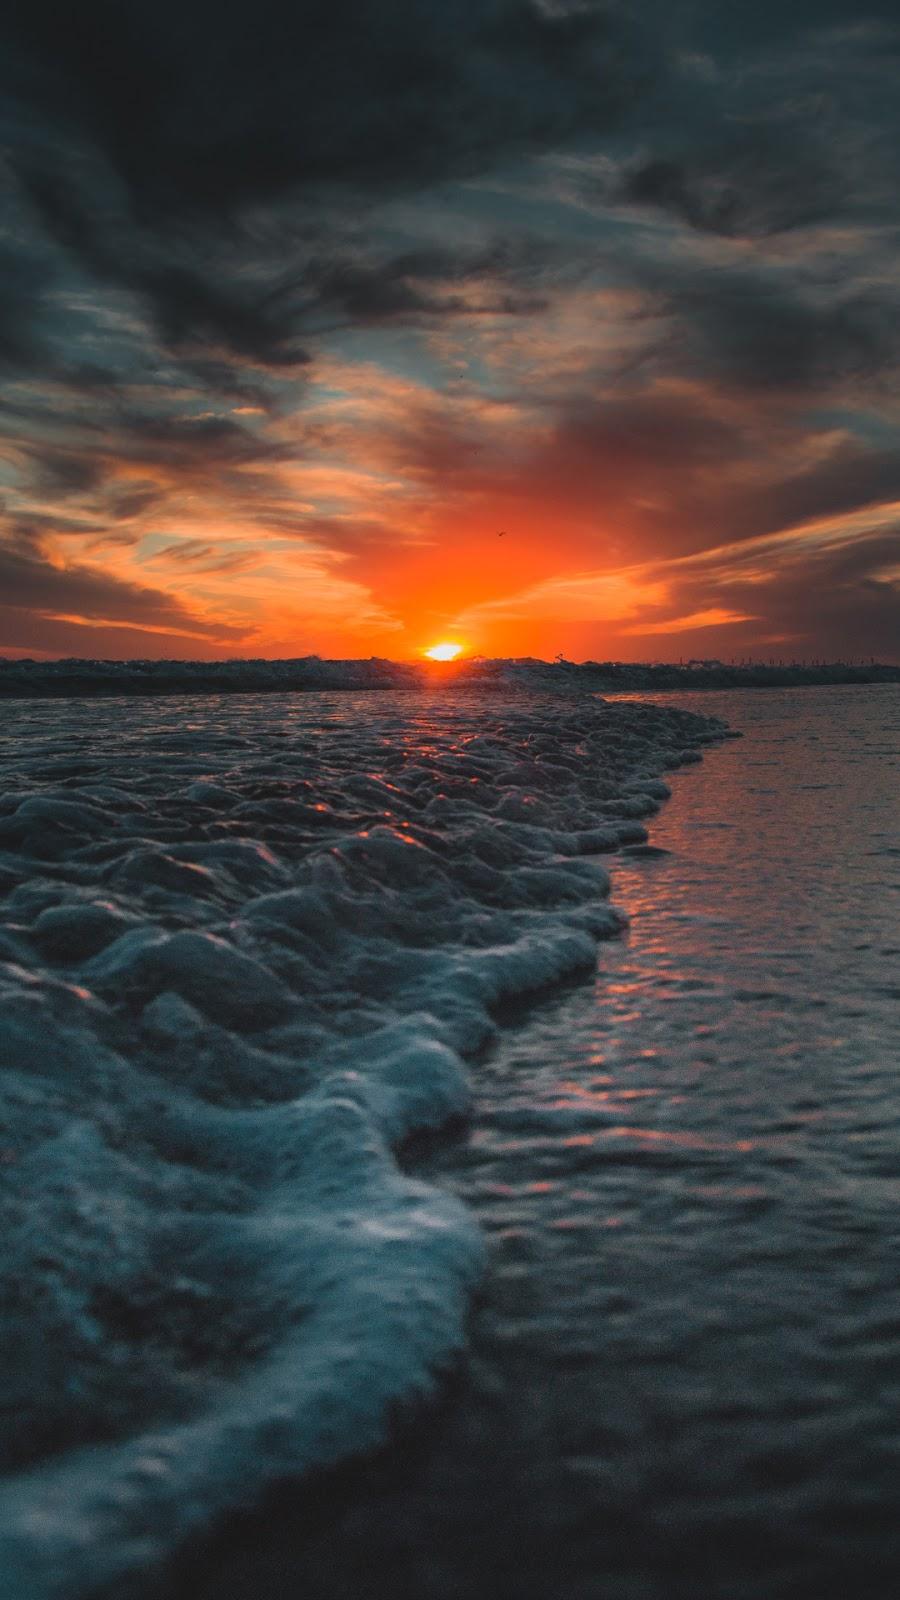 Hình nền hoàng hôn trên biển siêu chất